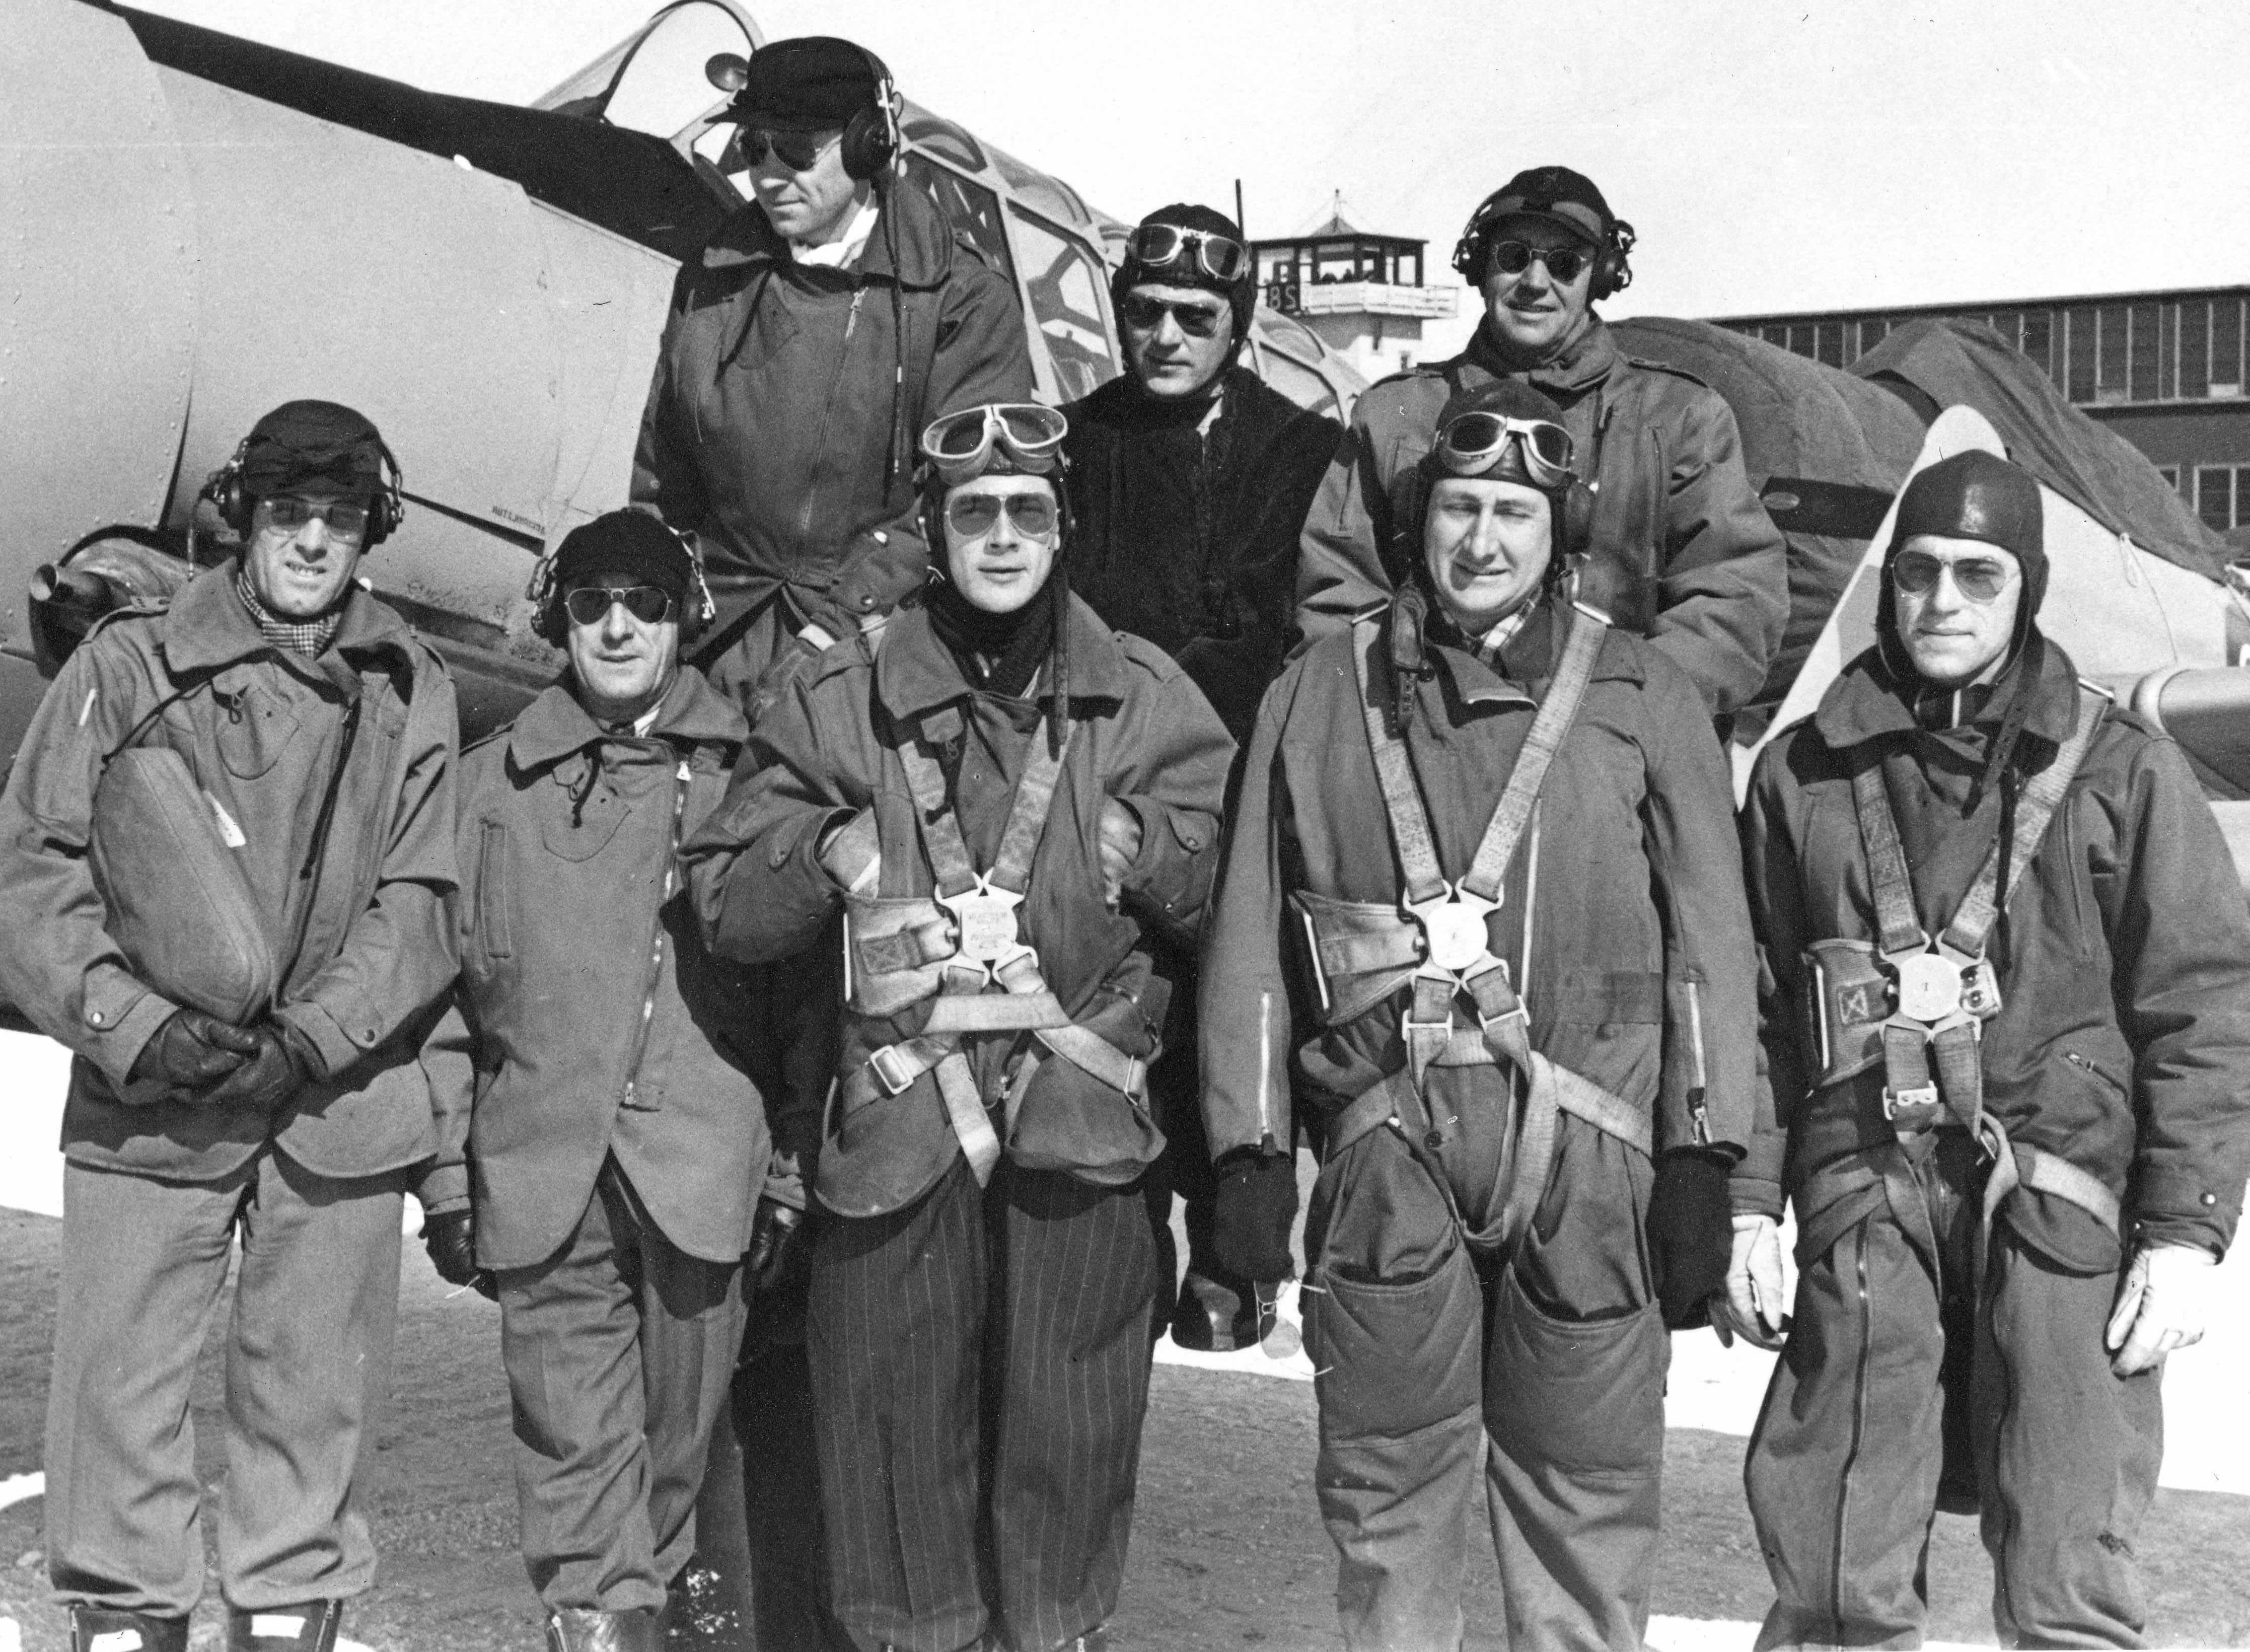 BLOG 4 McLaren Album 4 D.D. McLaren Bill Wheeler 2020 Noorduyn Pilots 1944_2